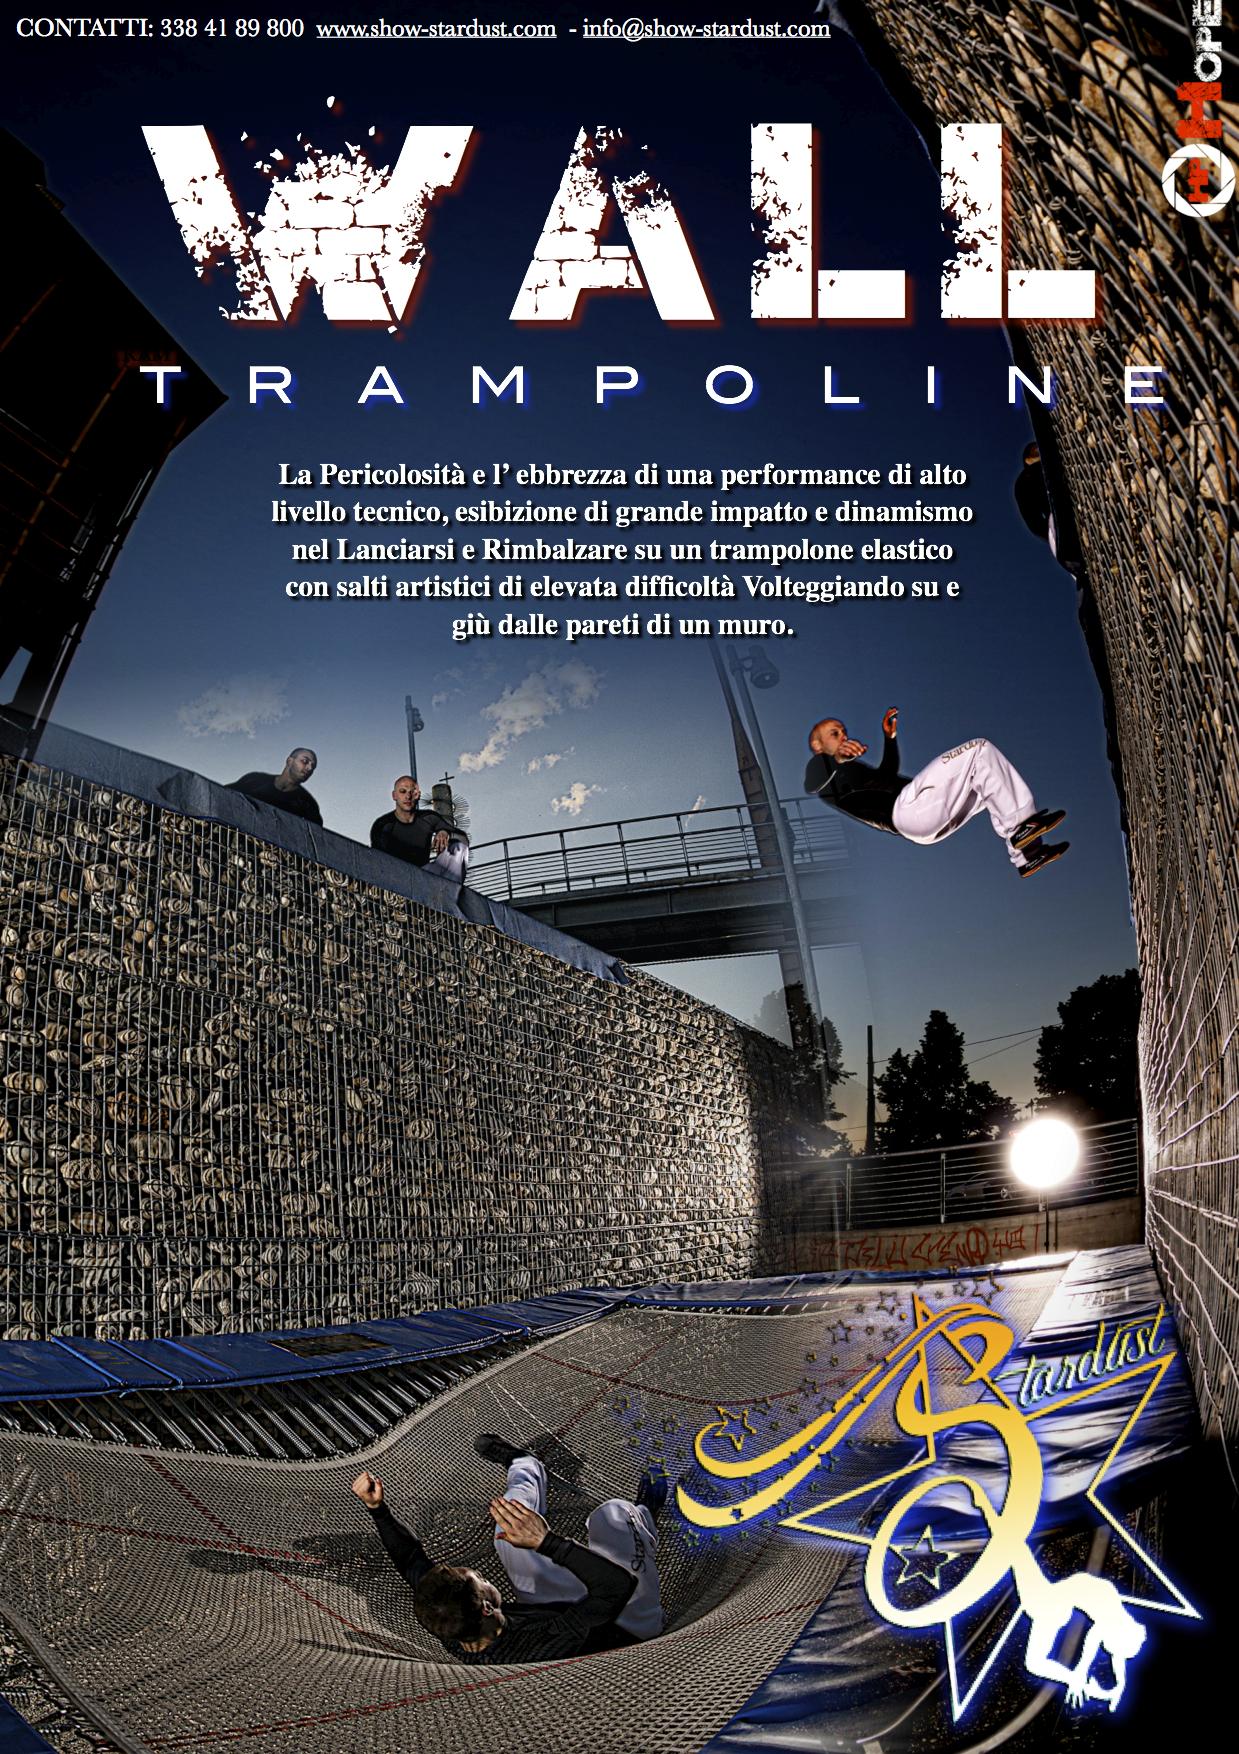 WALL TRAMPOLINE TRAMPOLINO ELASTICO